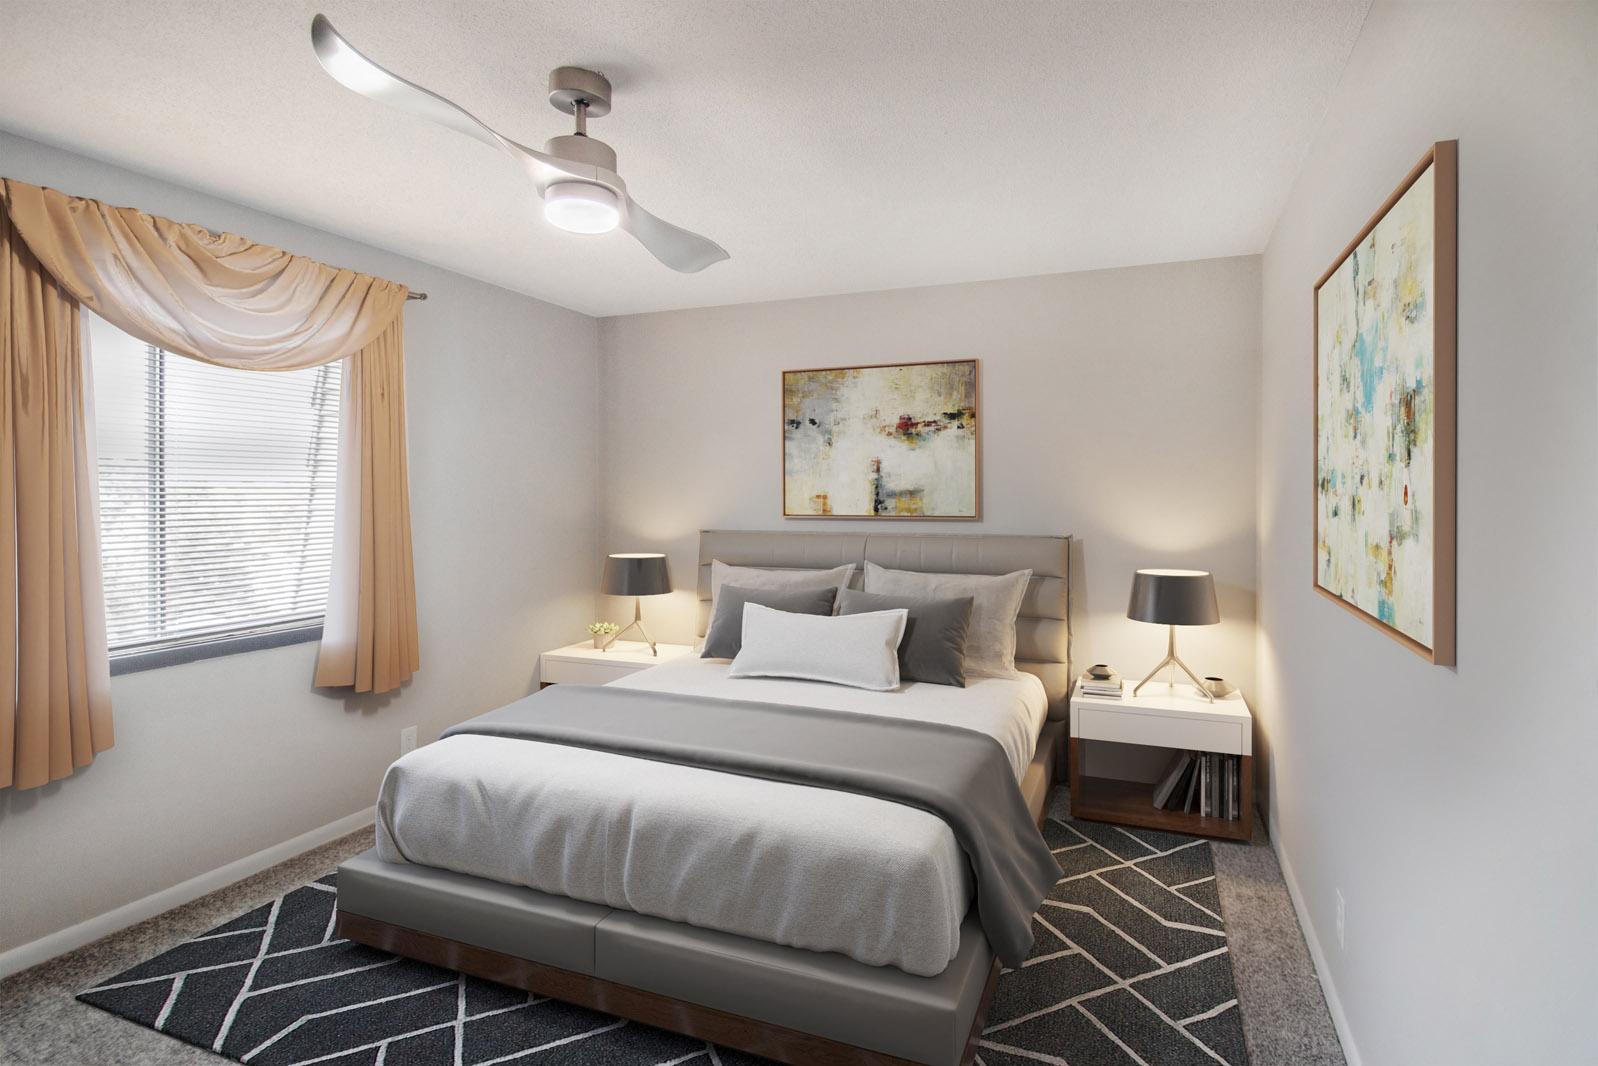 1 and 2 Bedroom Apartment Homes at Pinehill Park in Bellevue, Nebraska